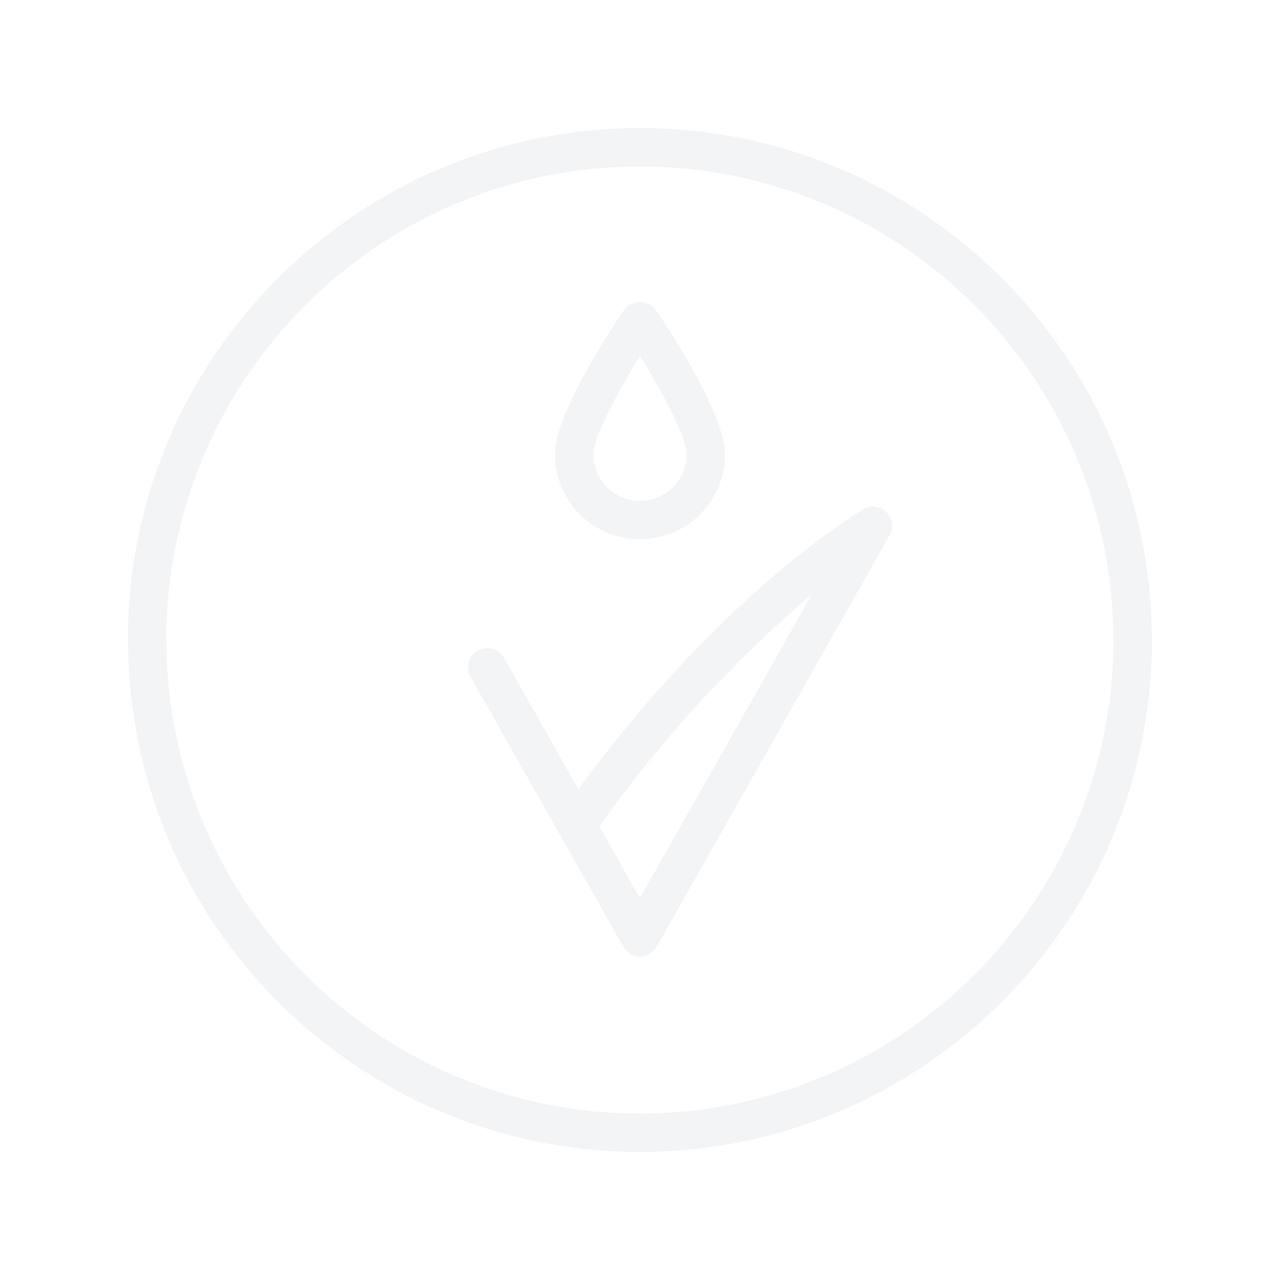 PÜR Best Sellers Blush Medium Gift Set